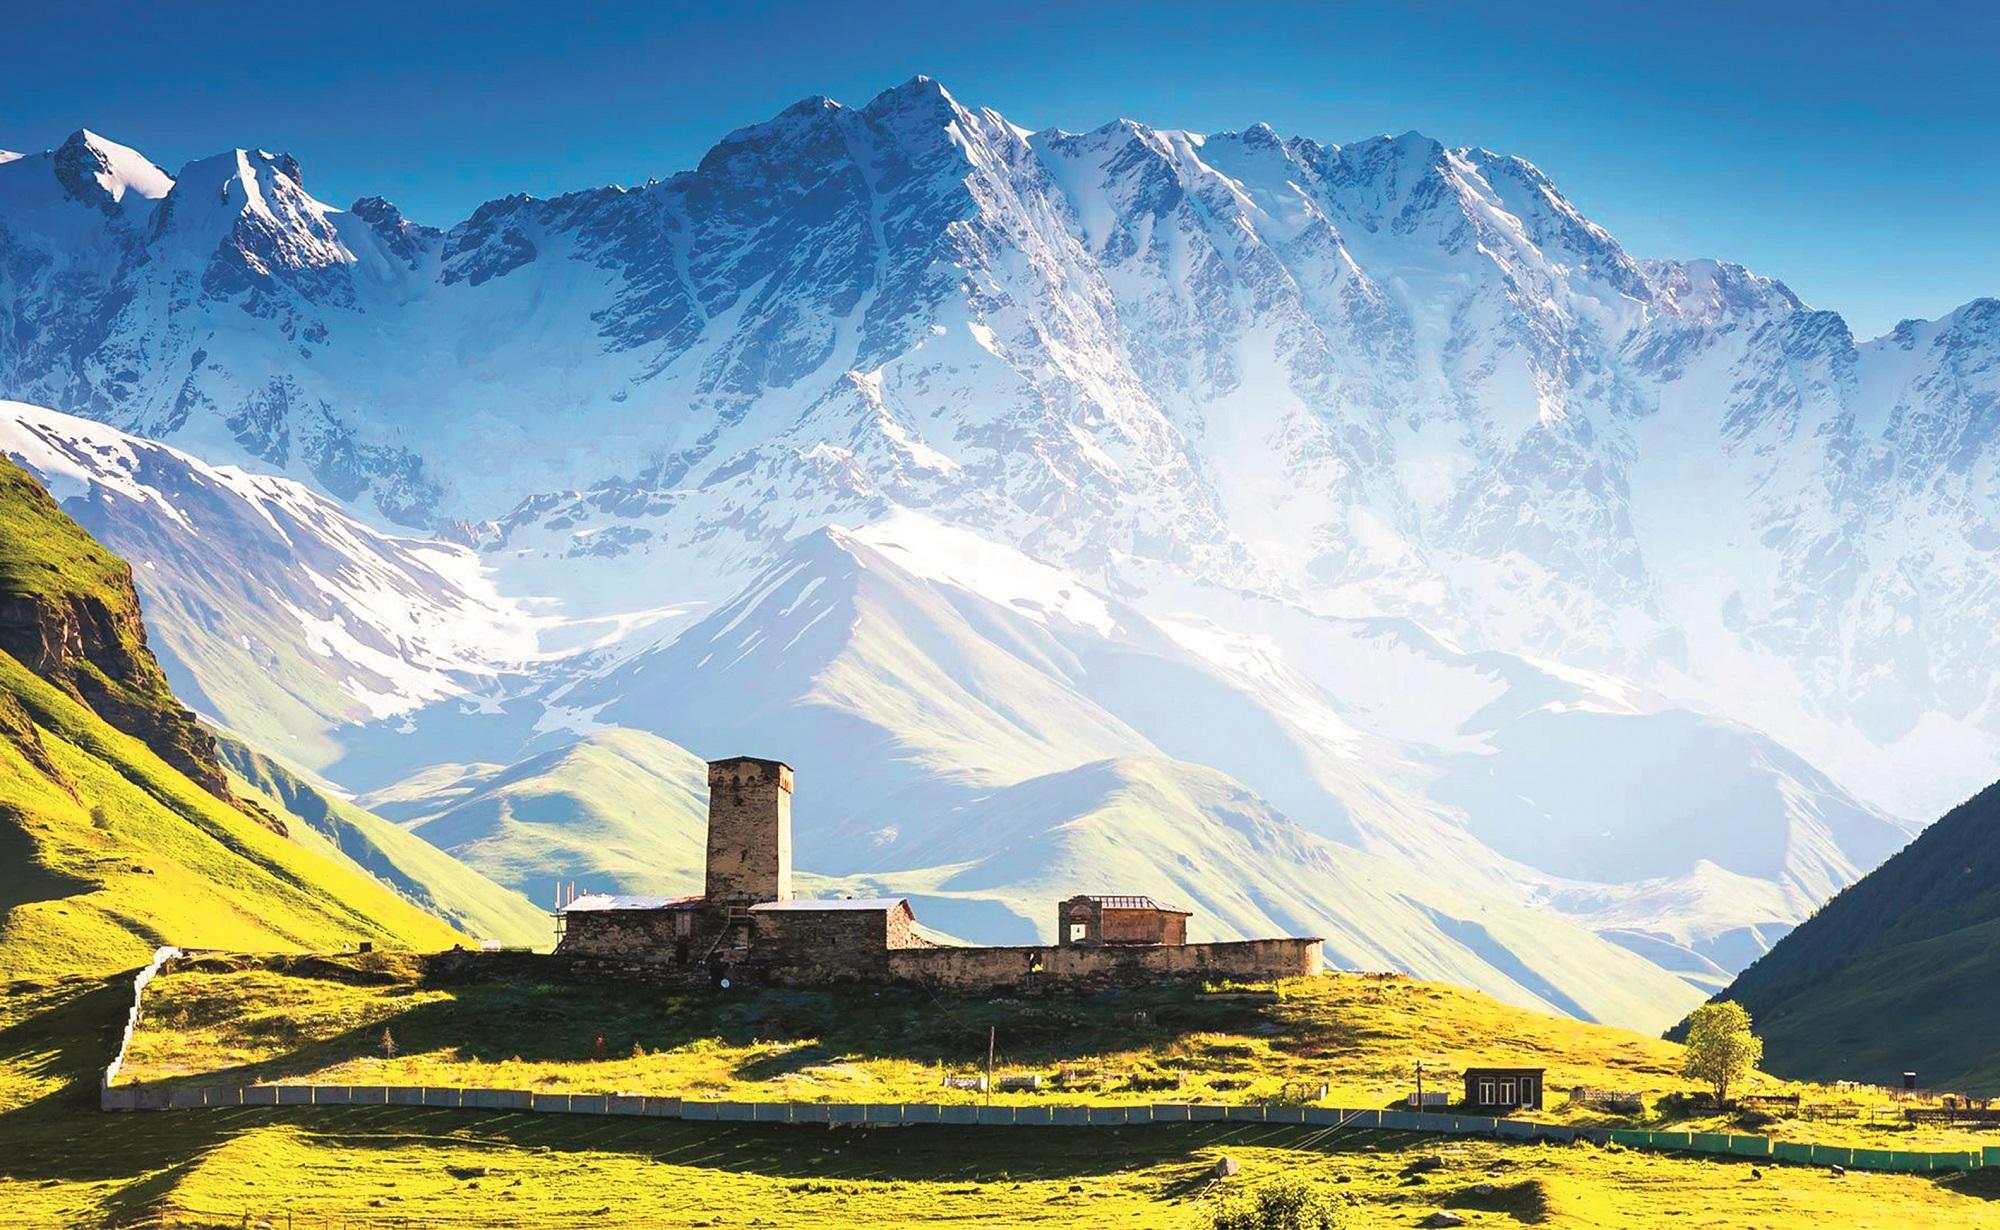 Manastir Lamaria iz 10. stoljeća izgrađen je na 2200 metara nadmorske visine.